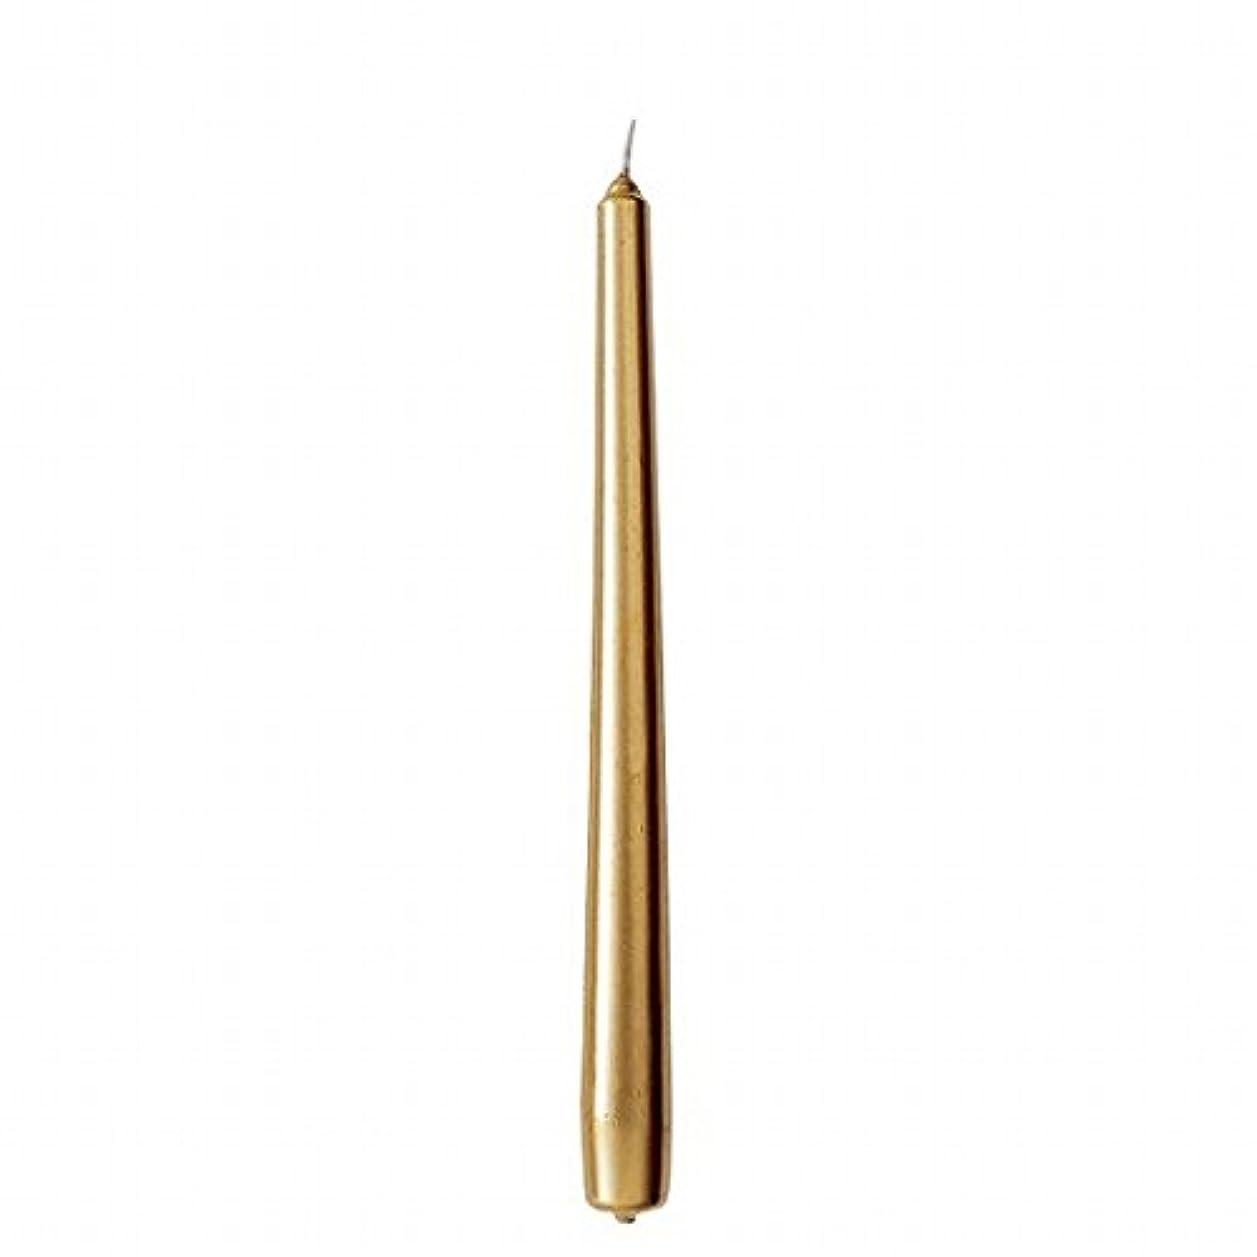 涙ブルクライマックスカメヤマキャンドル(kameyama candle) 10インチテーパー 「 ゴールド 」 12本入り